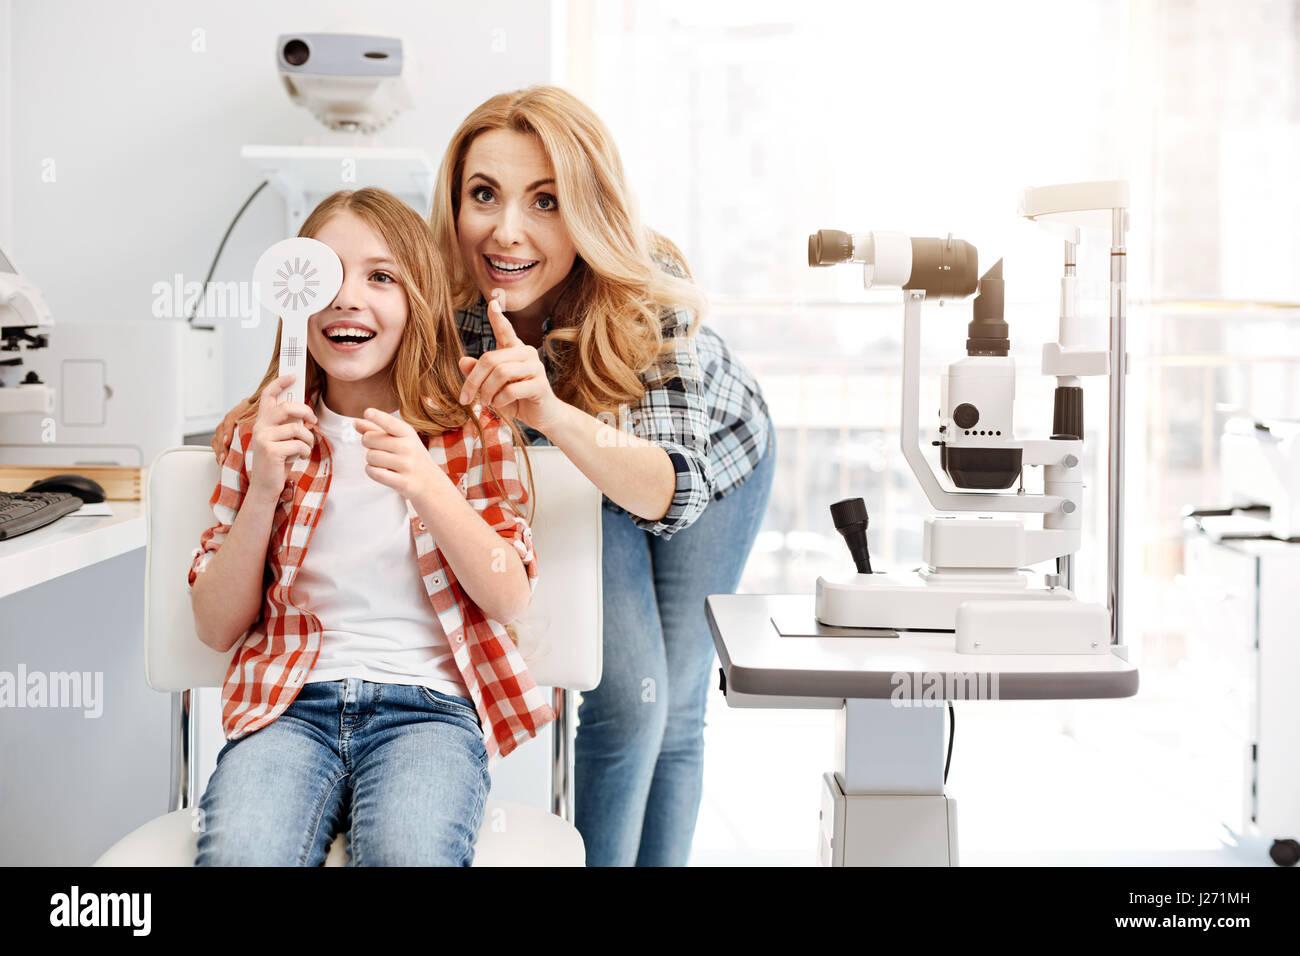 Emotionale Eltern froh sehen ihre Tochter gesund Stockbild